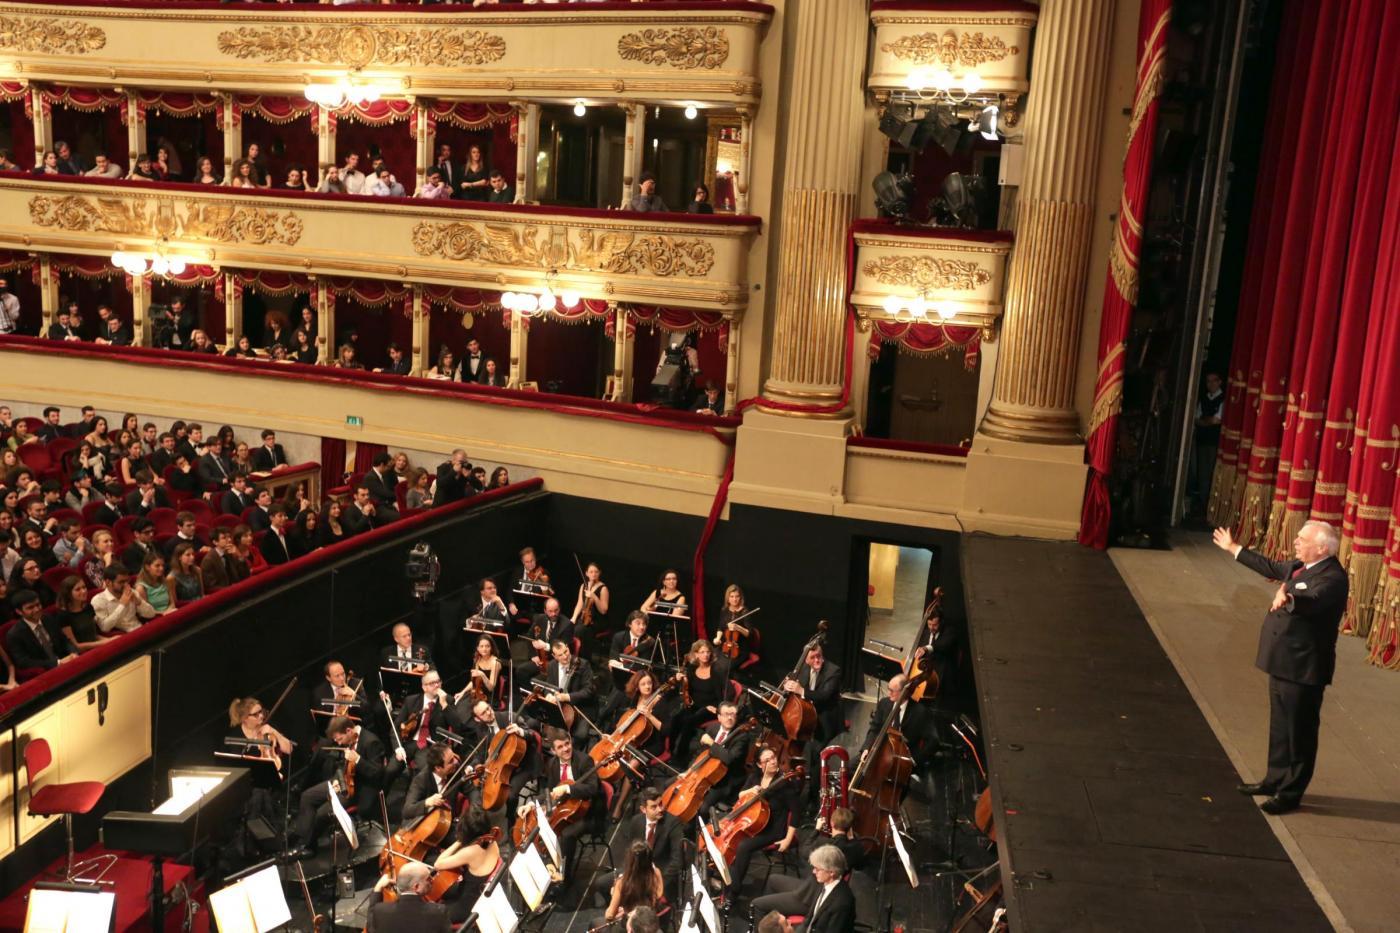 Teatro alla Scala, inaugurazione 2014: la prima con Fidelio di Beethoven